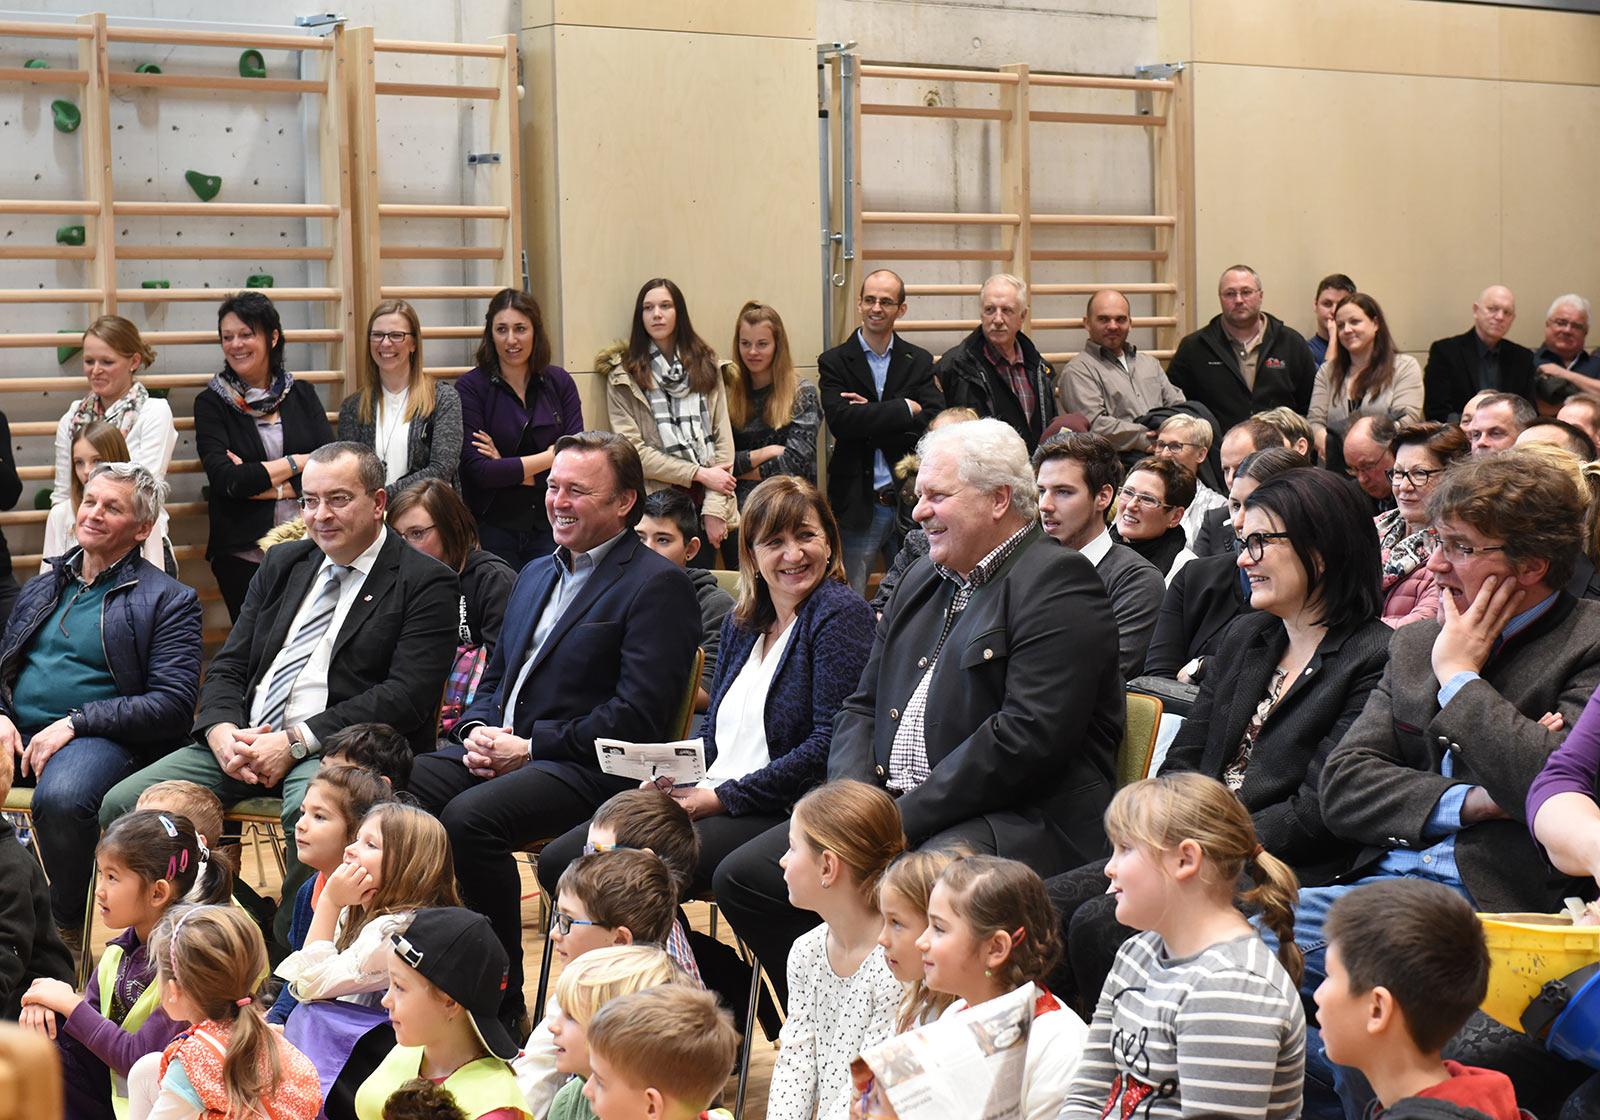 Кажется, что для окружного министра образования Беате Палфрадер и мэра Хольцгау Гюнтера Блааса церемония прошла очень весело. Фото: ATP